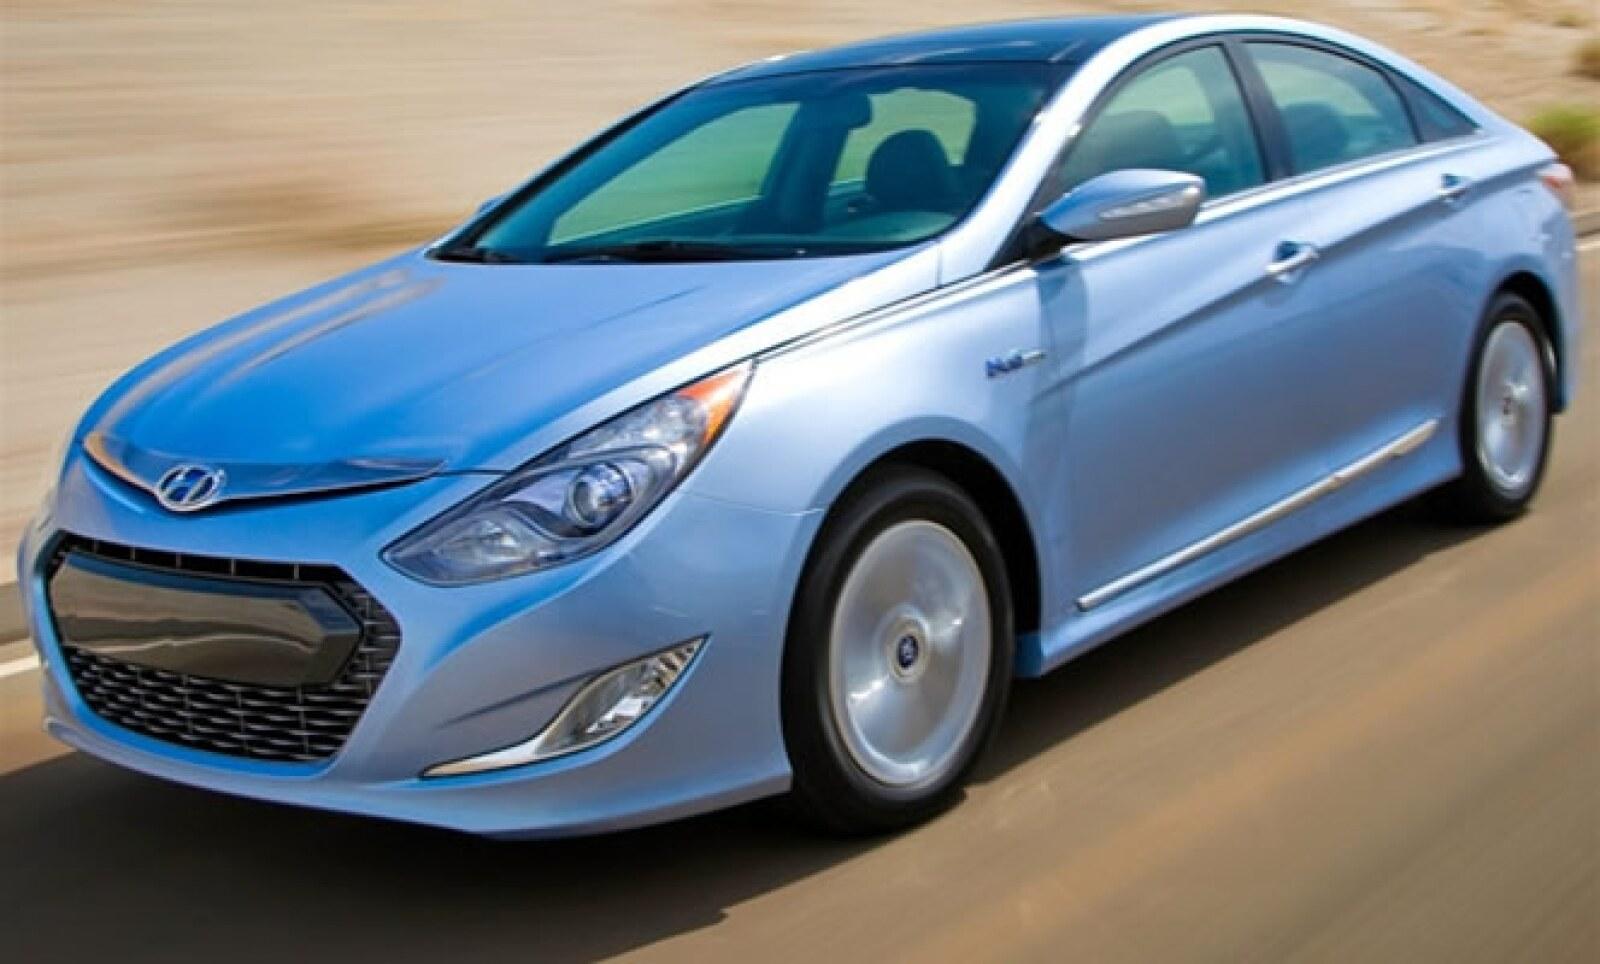 La arquitectura Hybrid Blue Drive desarrollada por Hyundai es un sistema de conducción híbrido totalmente en paralelo, que puede operar en un motor eléctrico, en uno de gasolina de combustión interna y en una combinación de dos; todo depende de las condic